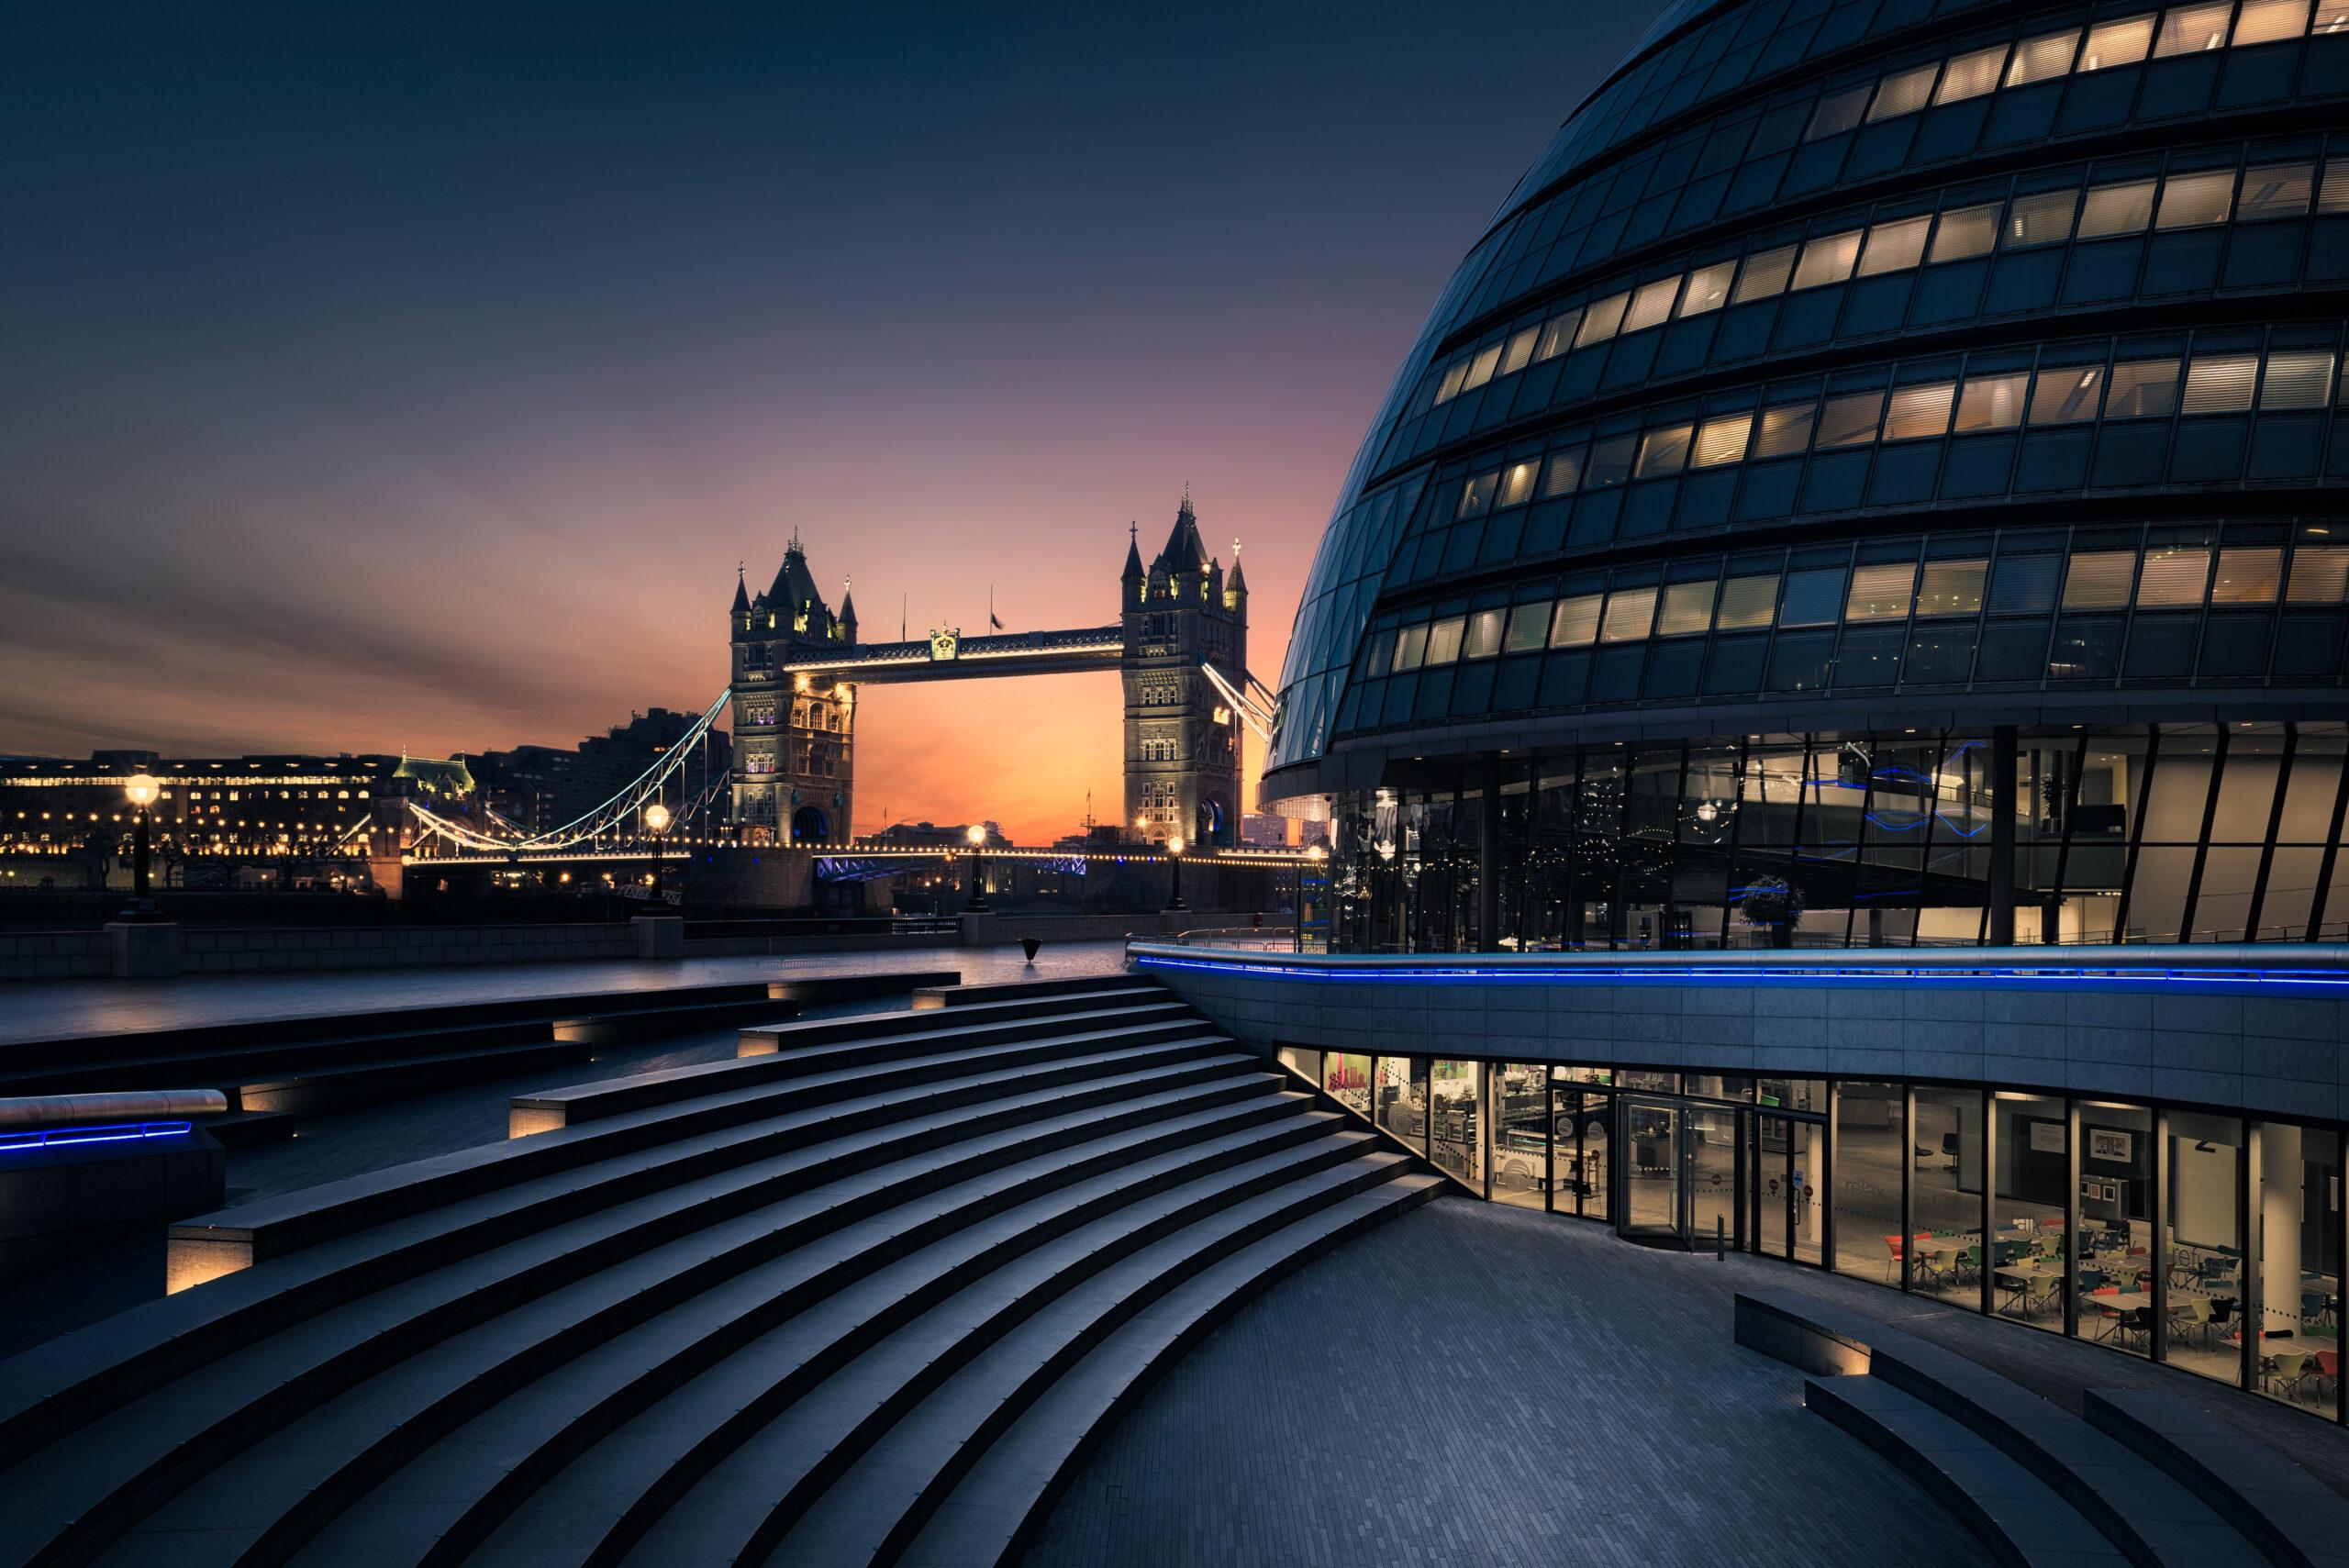 Londres al amanecer